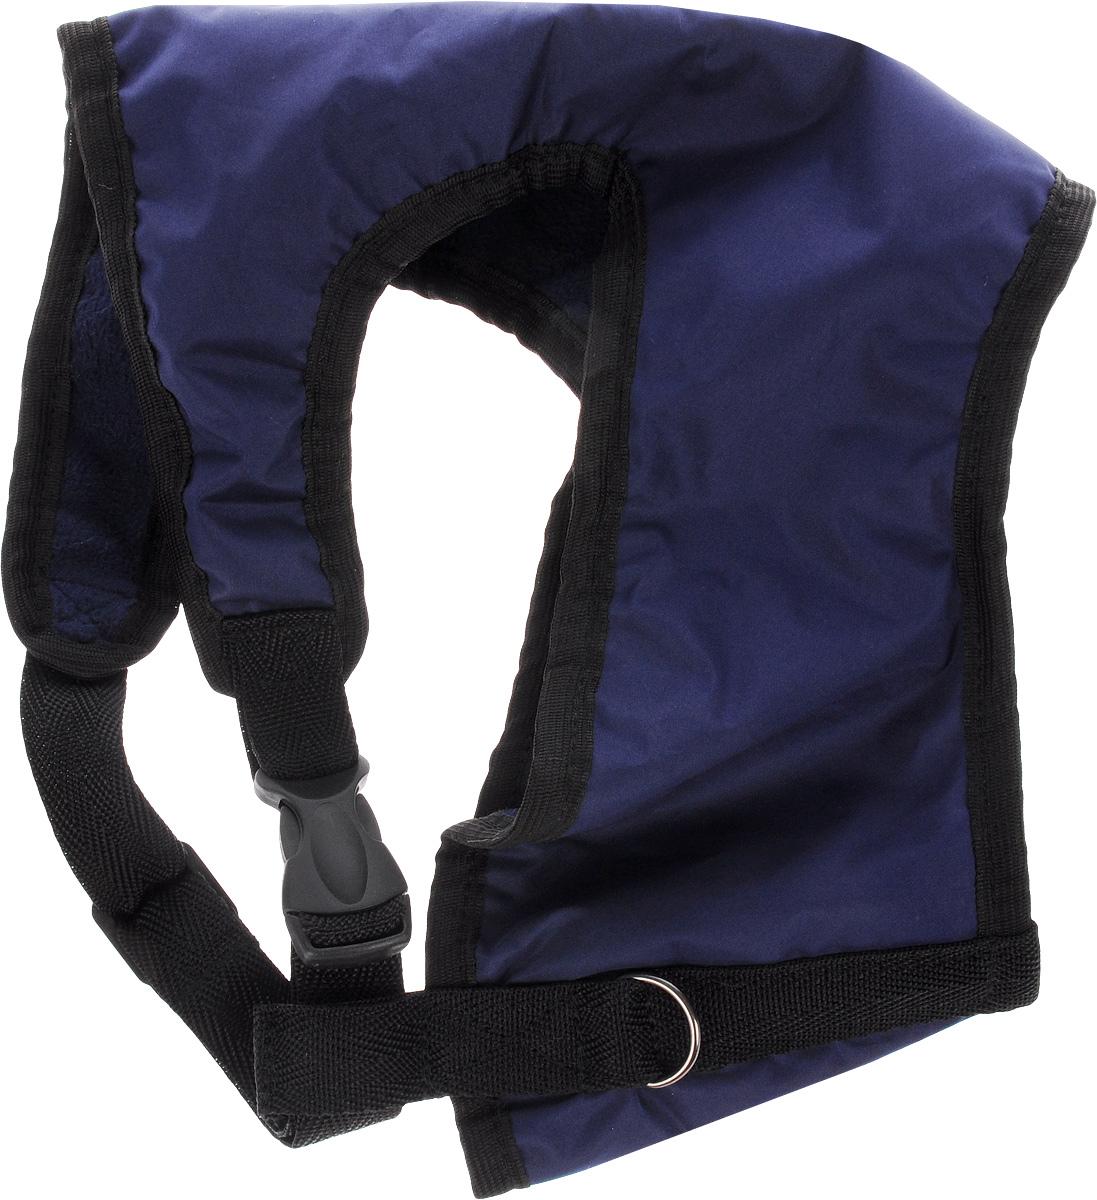 Шлейка для собак ЗооМарк, цвет: синий, черный. Размер 30120710Шлейка для собак ЗооМарк выполненаиз оксфорда, а на подкладке используется флис. Изделие оснащено специальным крючком, к которому вы с легкостью сможете прикрепить поводок. Шлейка имеет застежку фастекс и регулируется при помощи пряжки.Шлейка - это альтернатива ошейнику. Правильноподобранная шлейка не стесняет движенияпитомца, не натирает кожу, поэтому животноечувствует себя в ней уверенно и комфортно.Изделие отличается высоким качеством,удобством и универсальностью.Обхват груди: 25-30 см. Длина спинки: 17 см. Ширина ремней: 2 см.